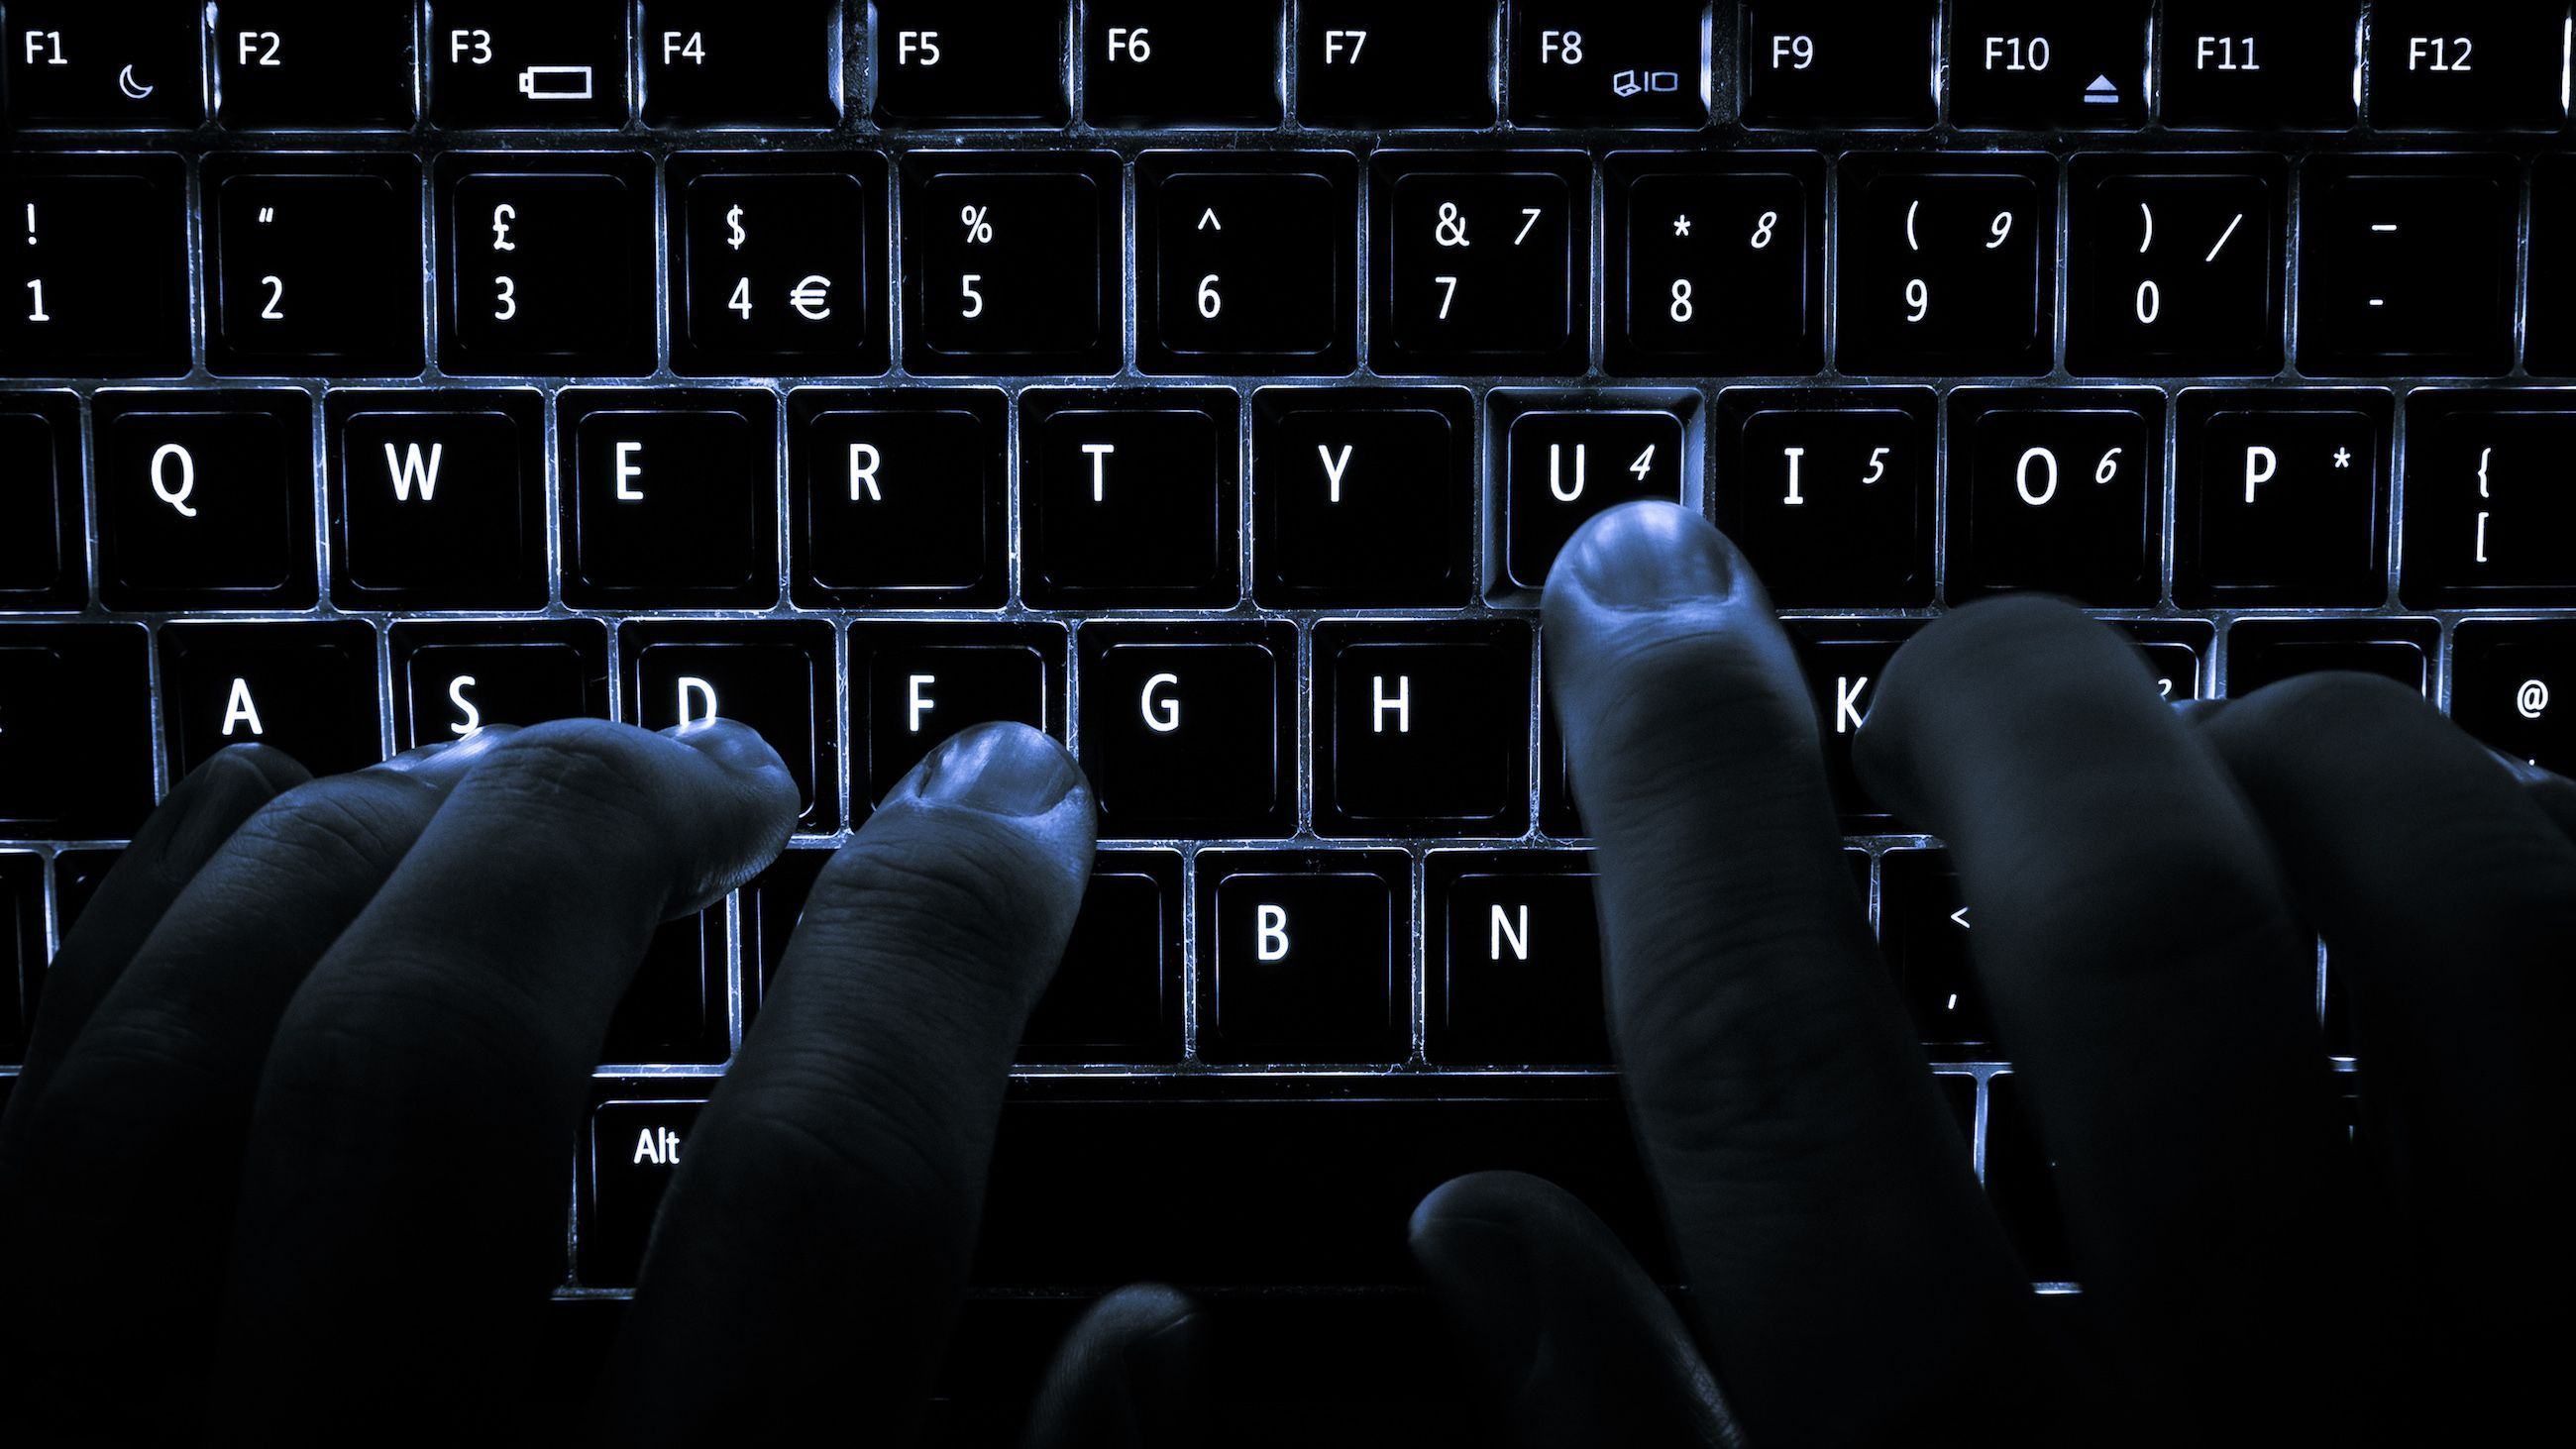 Hackean al periódico Reforma - Ataque hacker - privacidad digital en viajes - que es la dark web - dark web vs deep web - que es la dark web - dark web vs deep web - dark web como entrar - Cómo evitar el phishing. Phishing ejemplos. vuelos baratos a Europa. fake news en méxico. hackeo. bullying cibernético